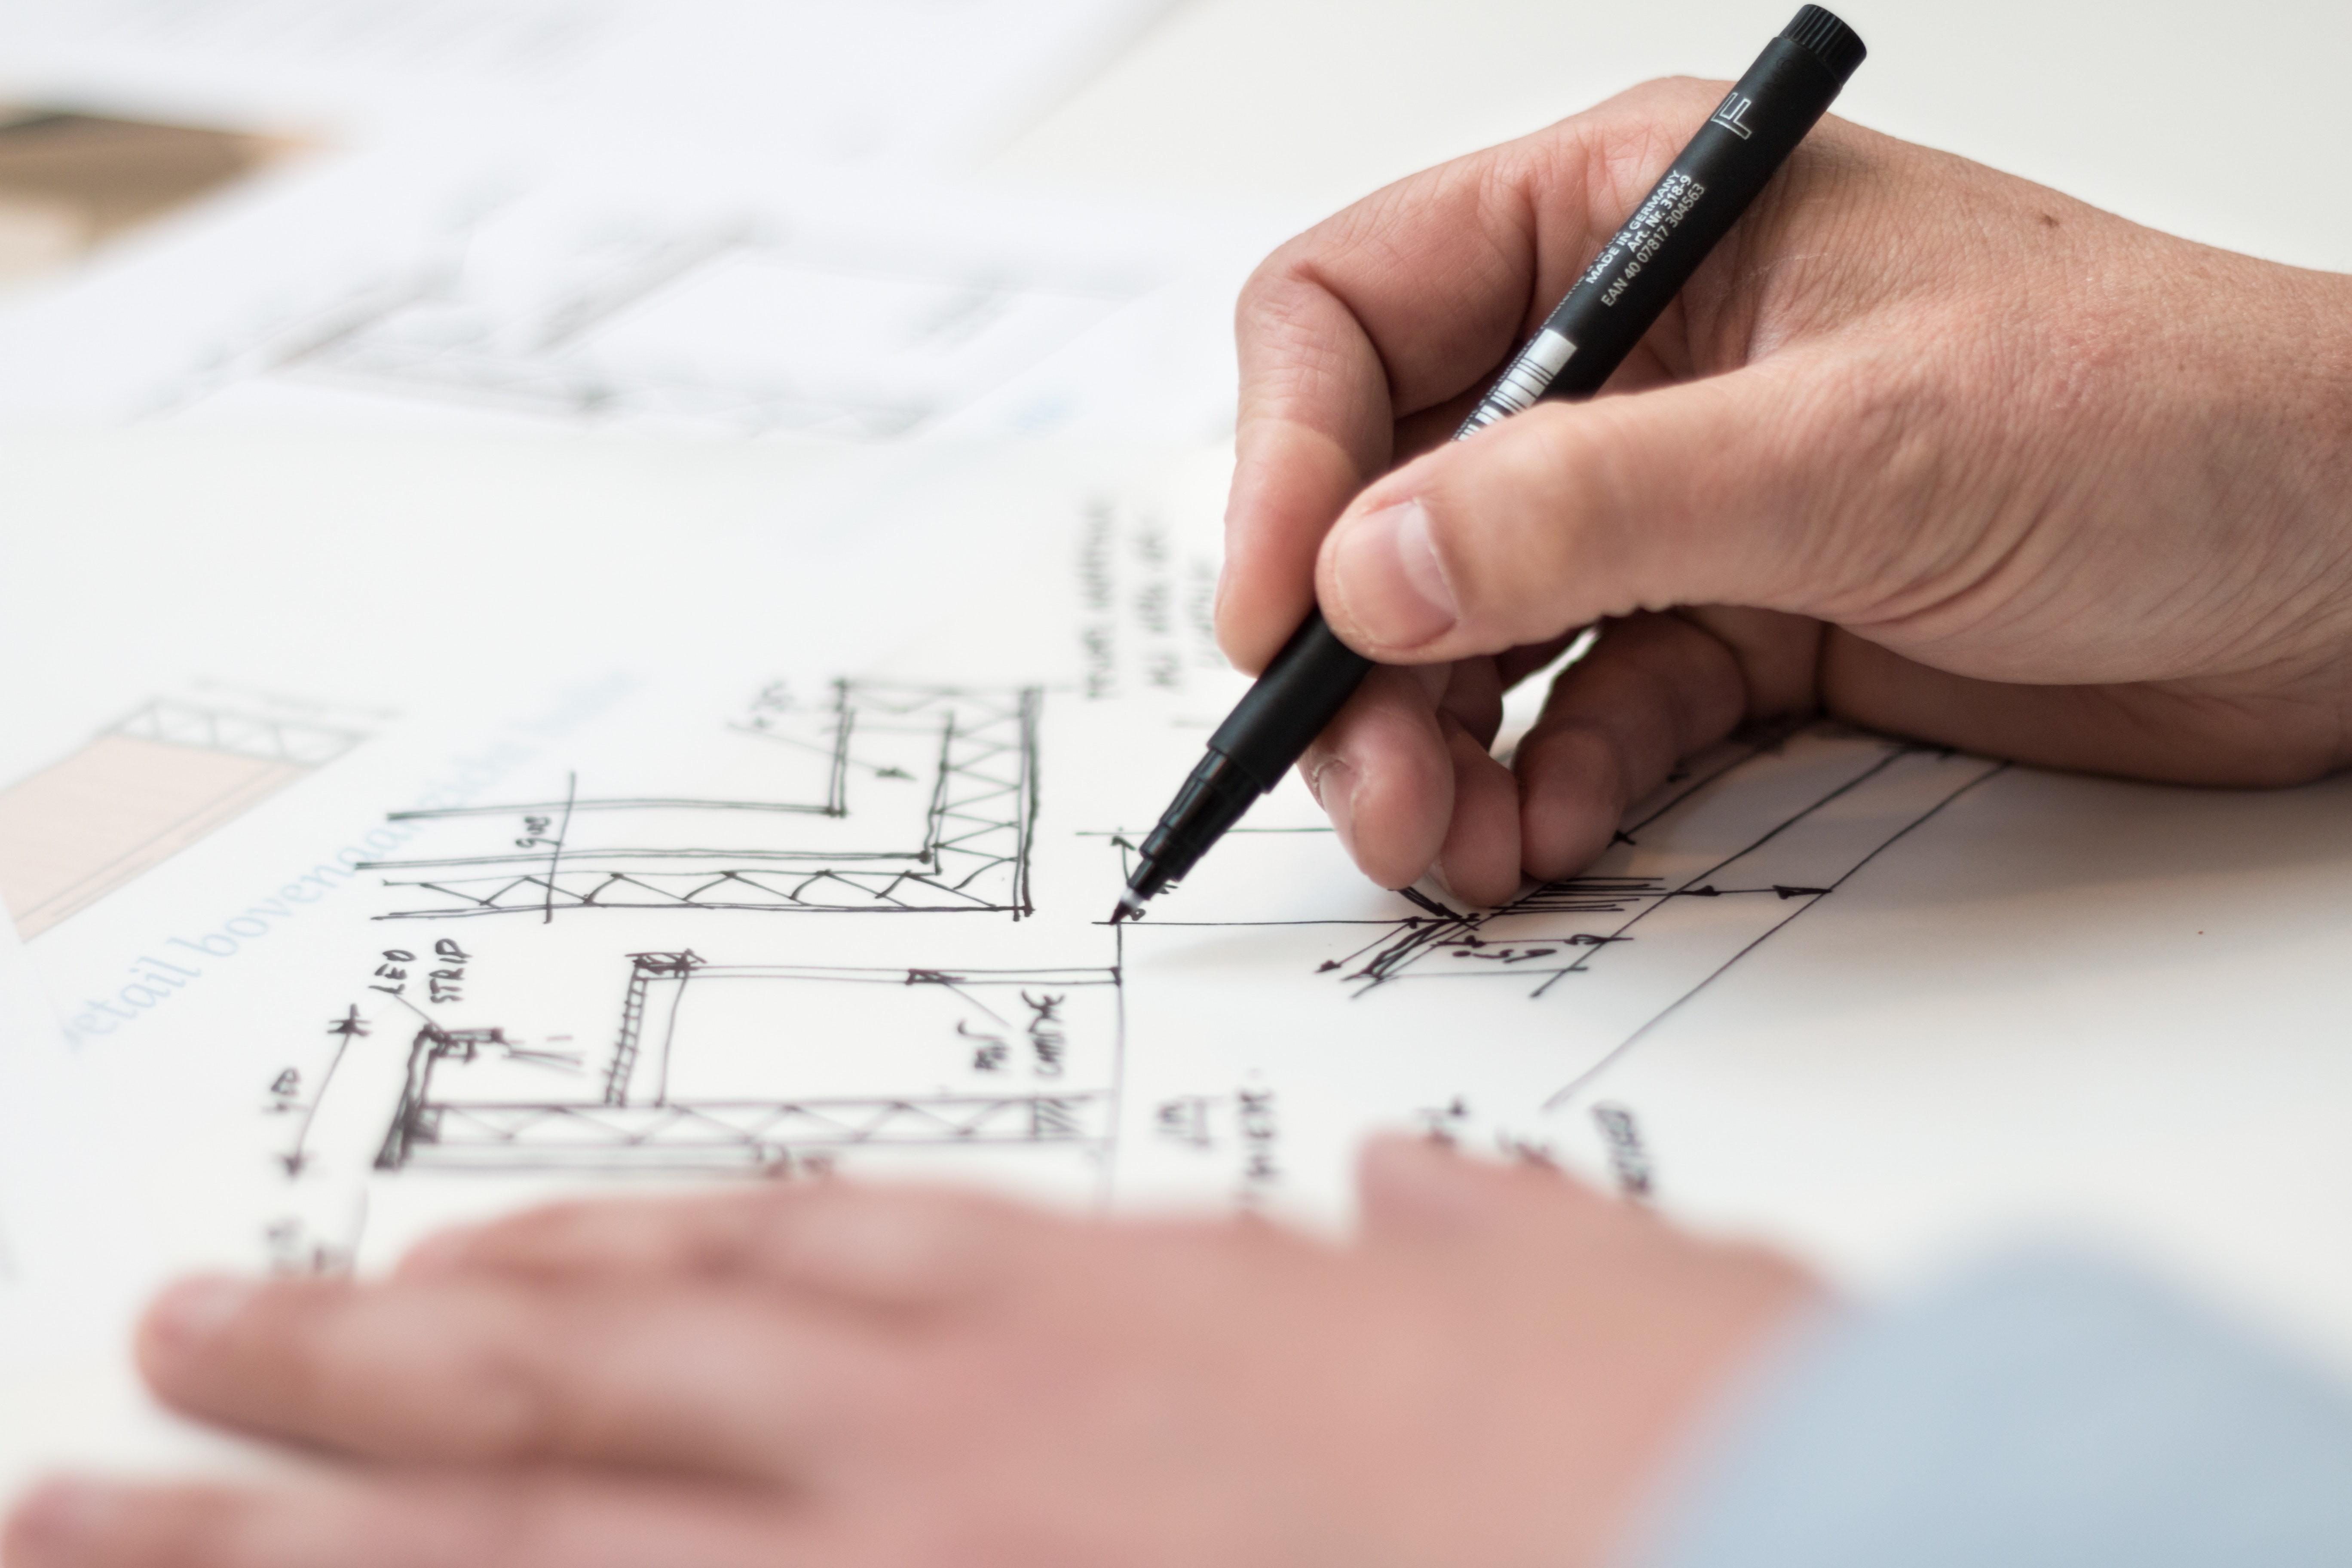 Ehitusprojektide konsultatsioon